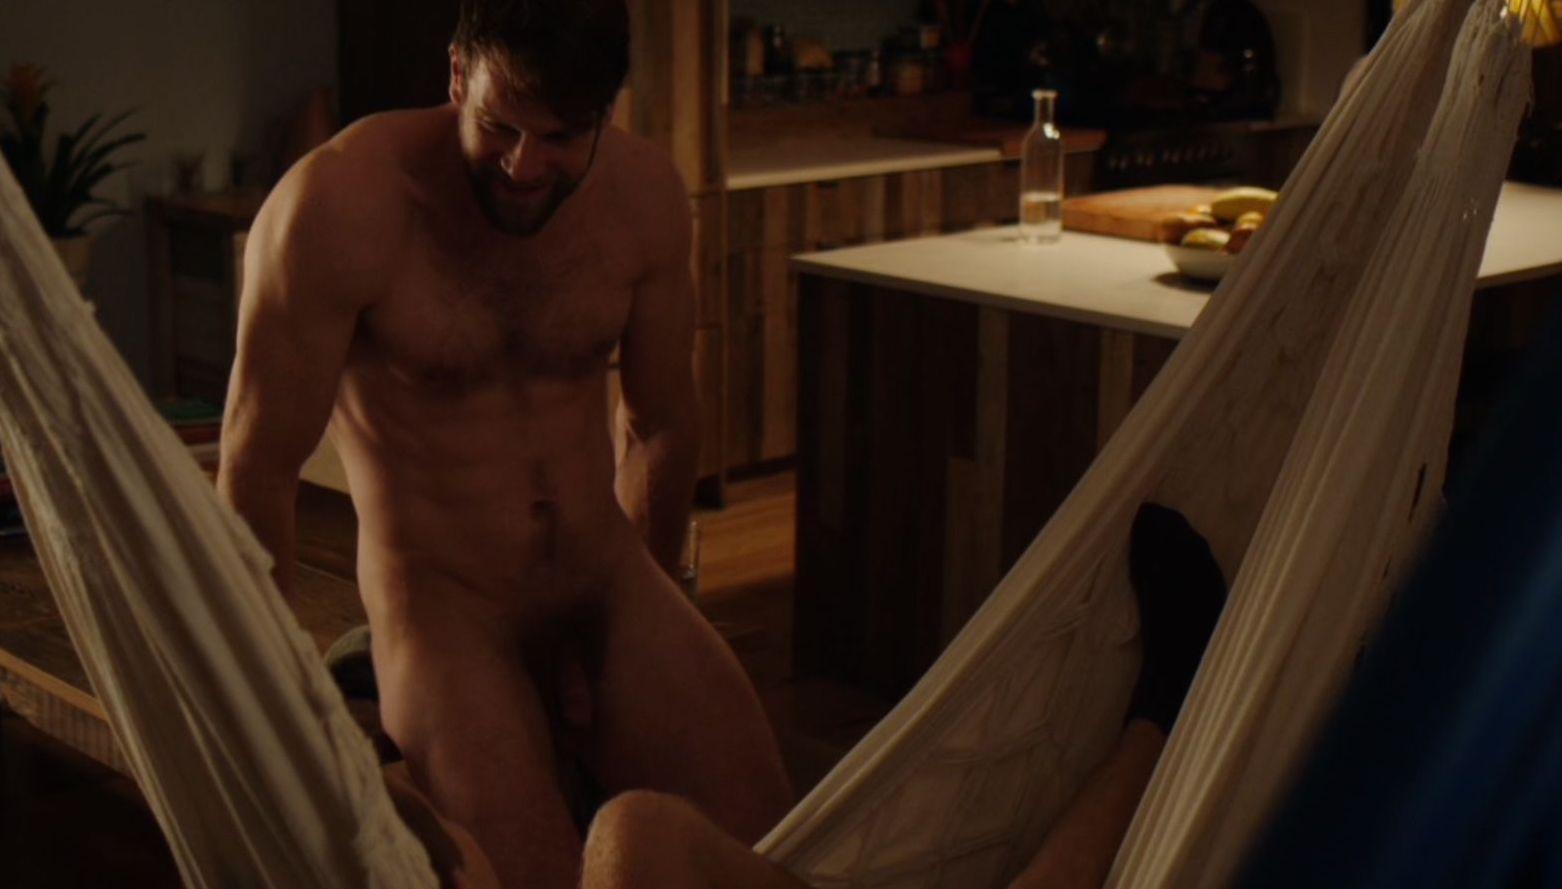 Scenes nude Beautiful Sex